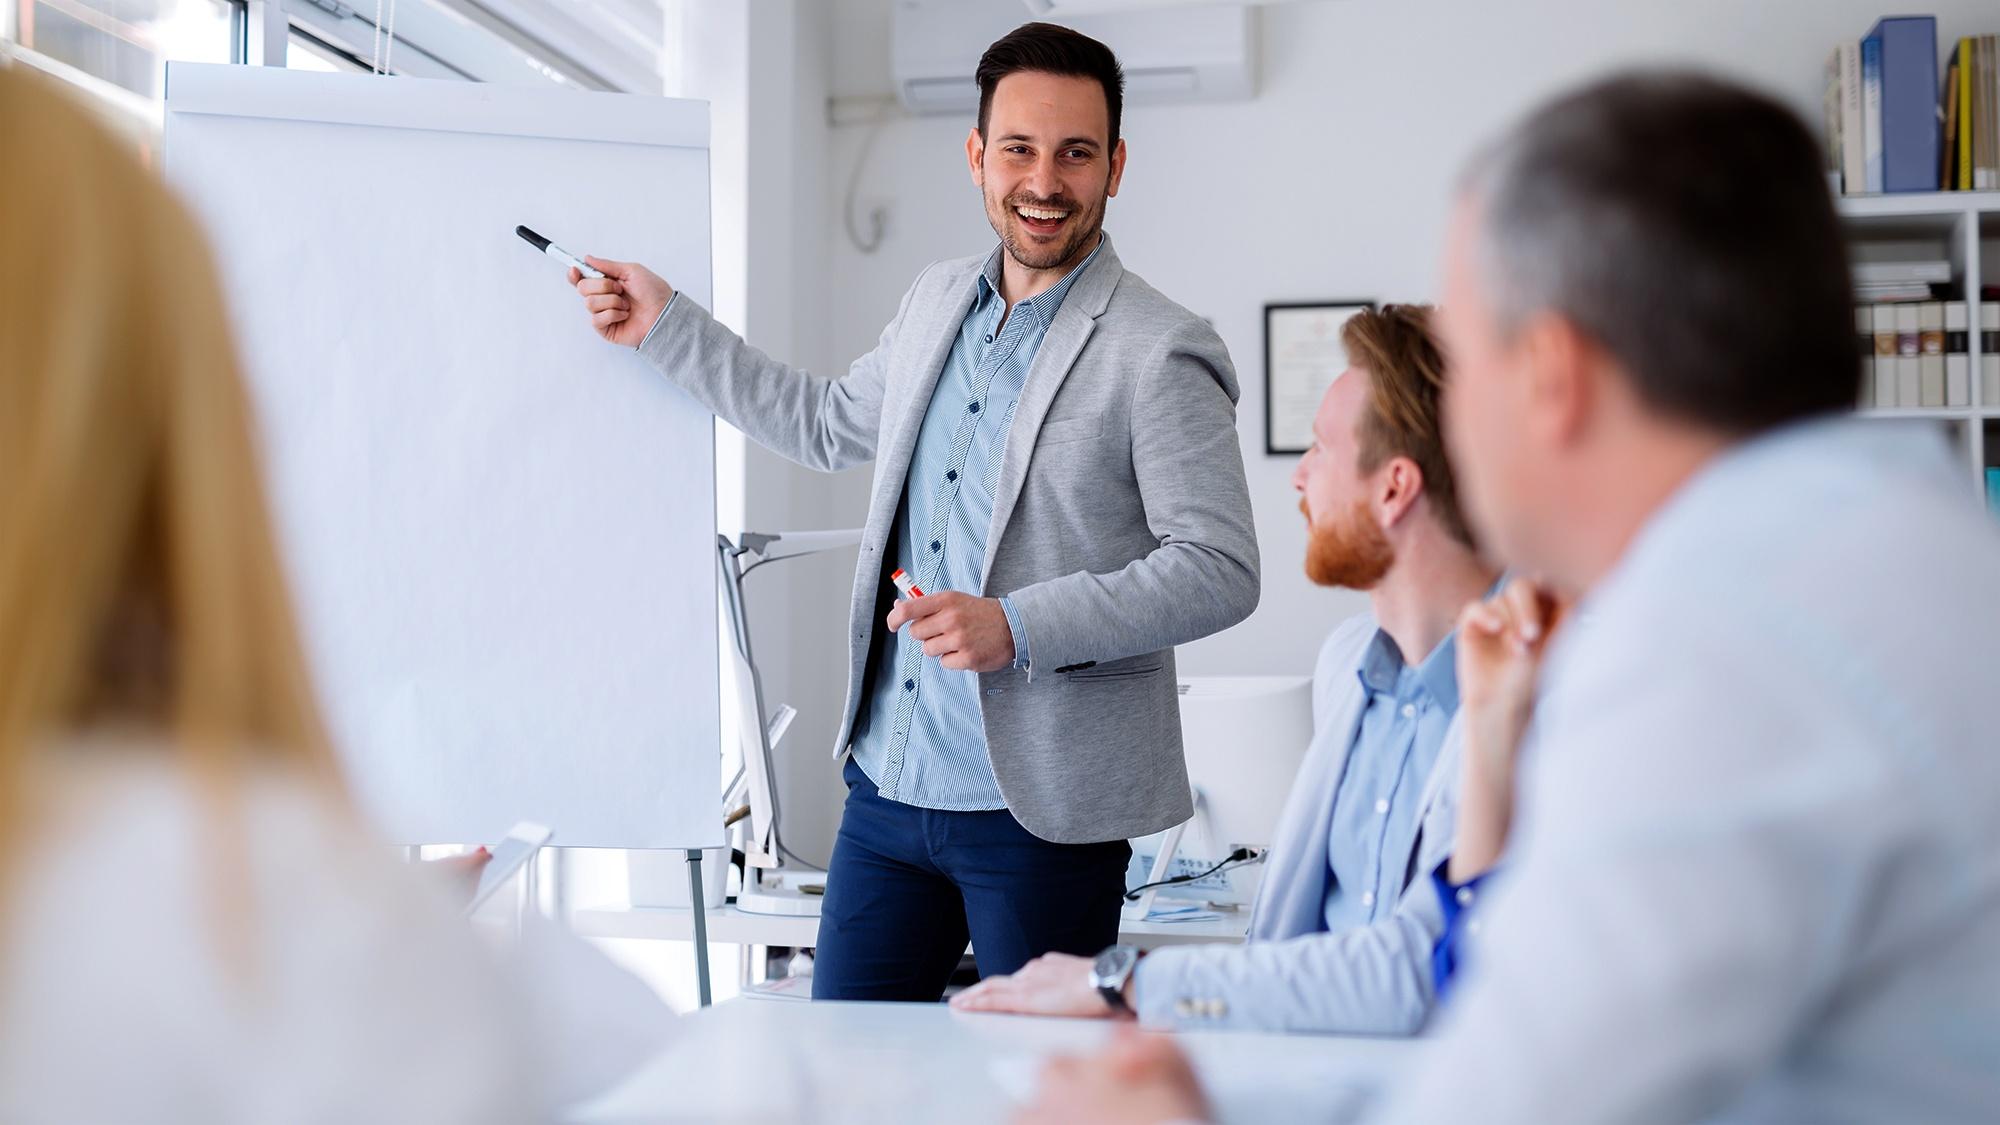 Zentrale Erfolgsfaktoren im Projektmanagement, Teil 1: Wohin soll die Projektreise gehen?